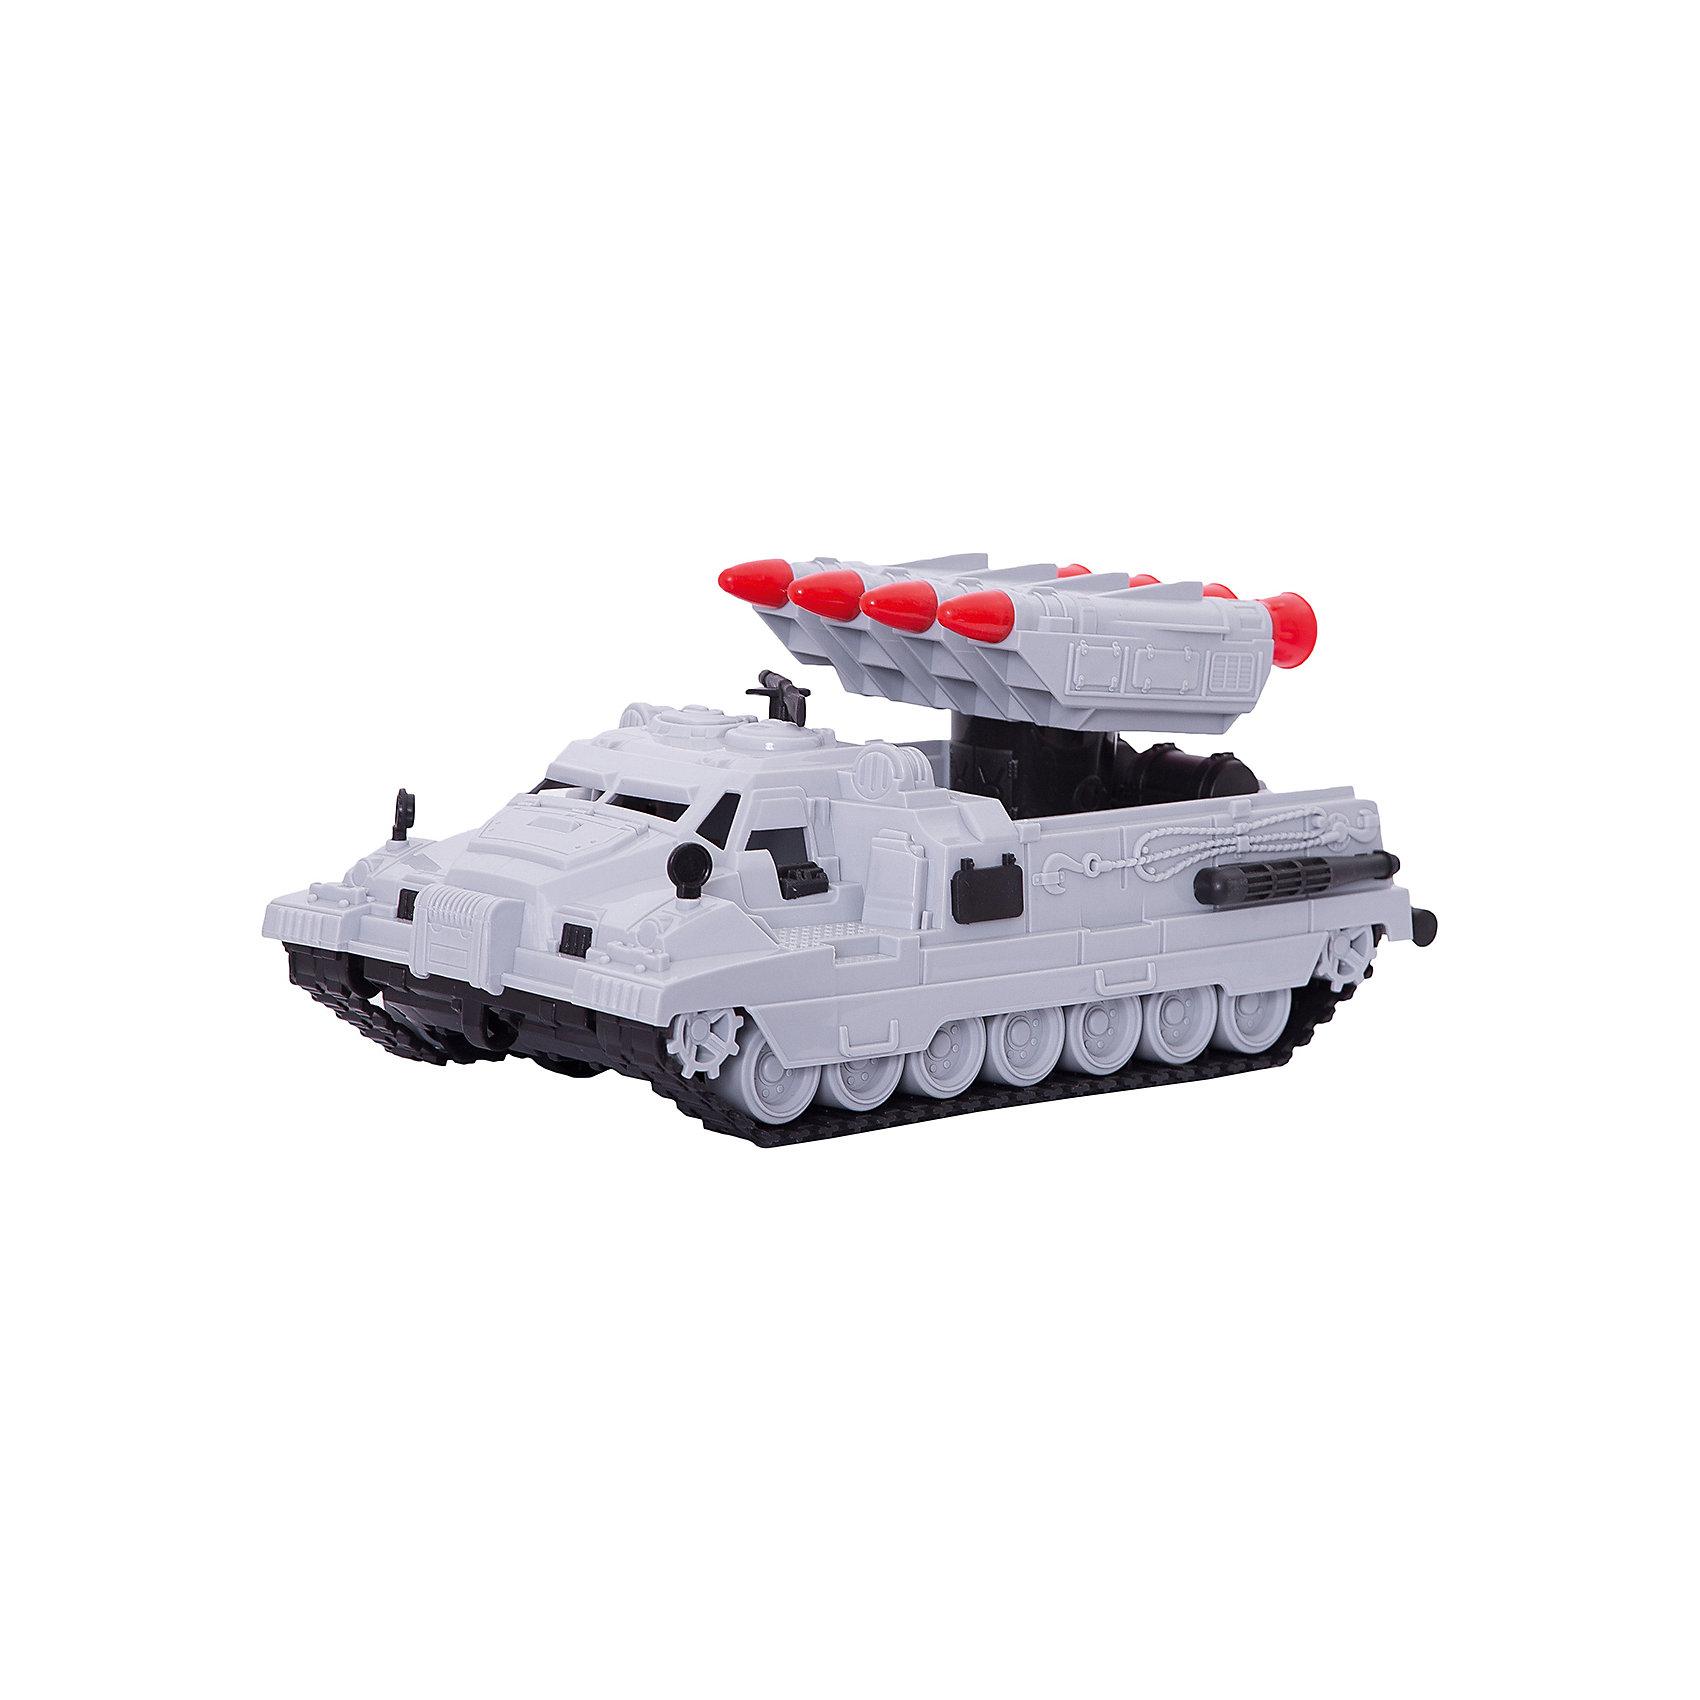 Ракетная установка Морпех, НордпластВоенный транспорт<br>Ракетная установка Морпех, Нордпласт – эта игрушка из военной серии отличный подарок для любого мальчугана!<br>Ракетная установка Морпех от компании «Нордпласт» выглядит совсем как настоящая. Игрушка отличается особым вниманием к деталям – каждая мелочь, отлита с особой тщательностью. Машина имеет 4 ракеты (ракеты не запускаются), которые собраны в единый блок, вращающийся вокруг оси, поднимающийся вверх и опускающийся вниз. Скрытые колеса с гусеницей смогут преодолеть любое бездорожье! Машина отлично подойдет для игры дома или в песочнице. Игрушка изготовлена из высококачественной пищевой пластмассы, без трещин и заусениц, поэтому во время эксплуатации выдержит многие детские шалости. Она покрыта нетоксичной краской, не облупливающейся и не выгорающей на солнце.<br><br>Дополнительная информация:<br><br>- Материал: высококачественная пластмасса<br>- Цвет: серый<br>- Размер игрушки: 31х16х13 см.<br>- Вес: 460 гр.<br><br>Ракетную установку Морпех, Нордпласт можно купить в нашем интернет-магазине.<br><br>Ширина мм: 310<br>Глубина мм: 160<br>Высота мм: 130<br>Вес г: 460<br>Возраст от месяцев: 24<br>Возраст до месяцев: 60<br>Пол: Мужской<br>Возраст: Детский<br>SKU: 4060318